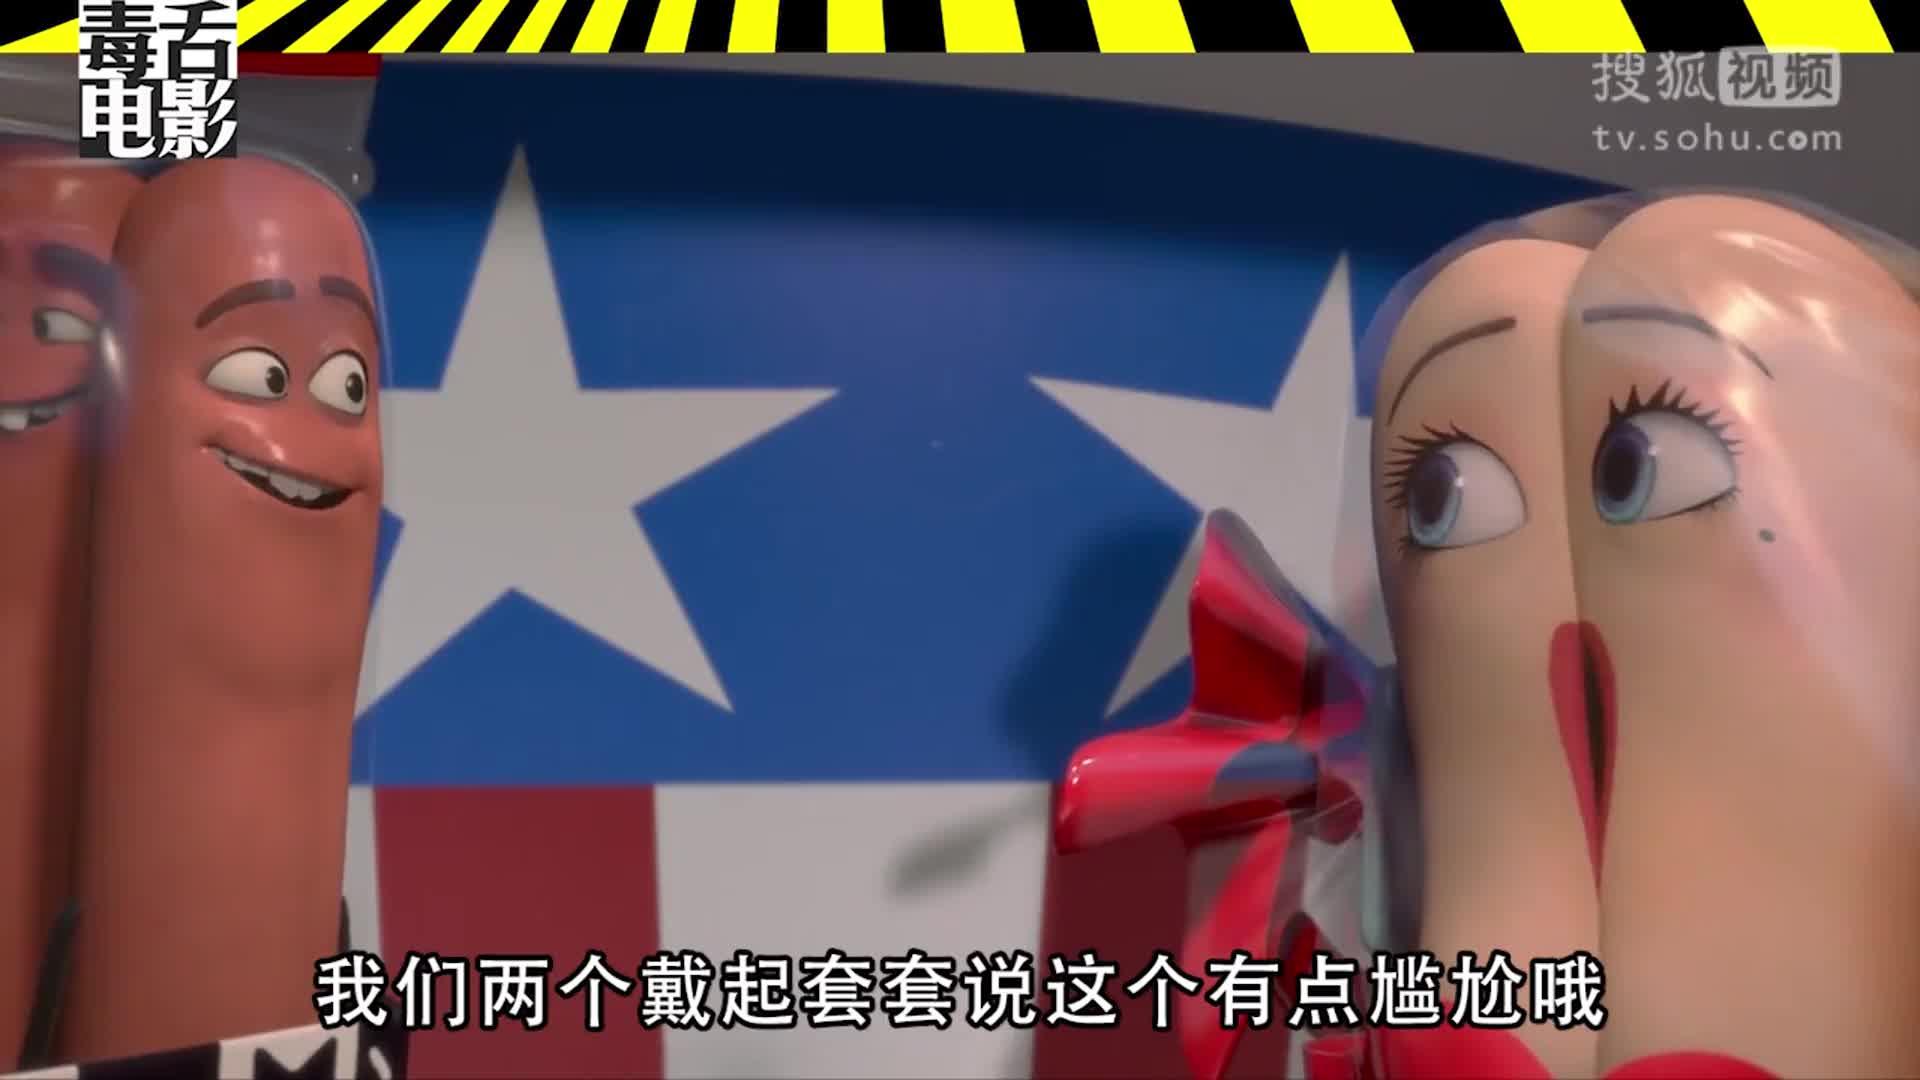 日本成人电影整部在线观看_儿童绝壁不能点开的成人动画片【毒舌电影】